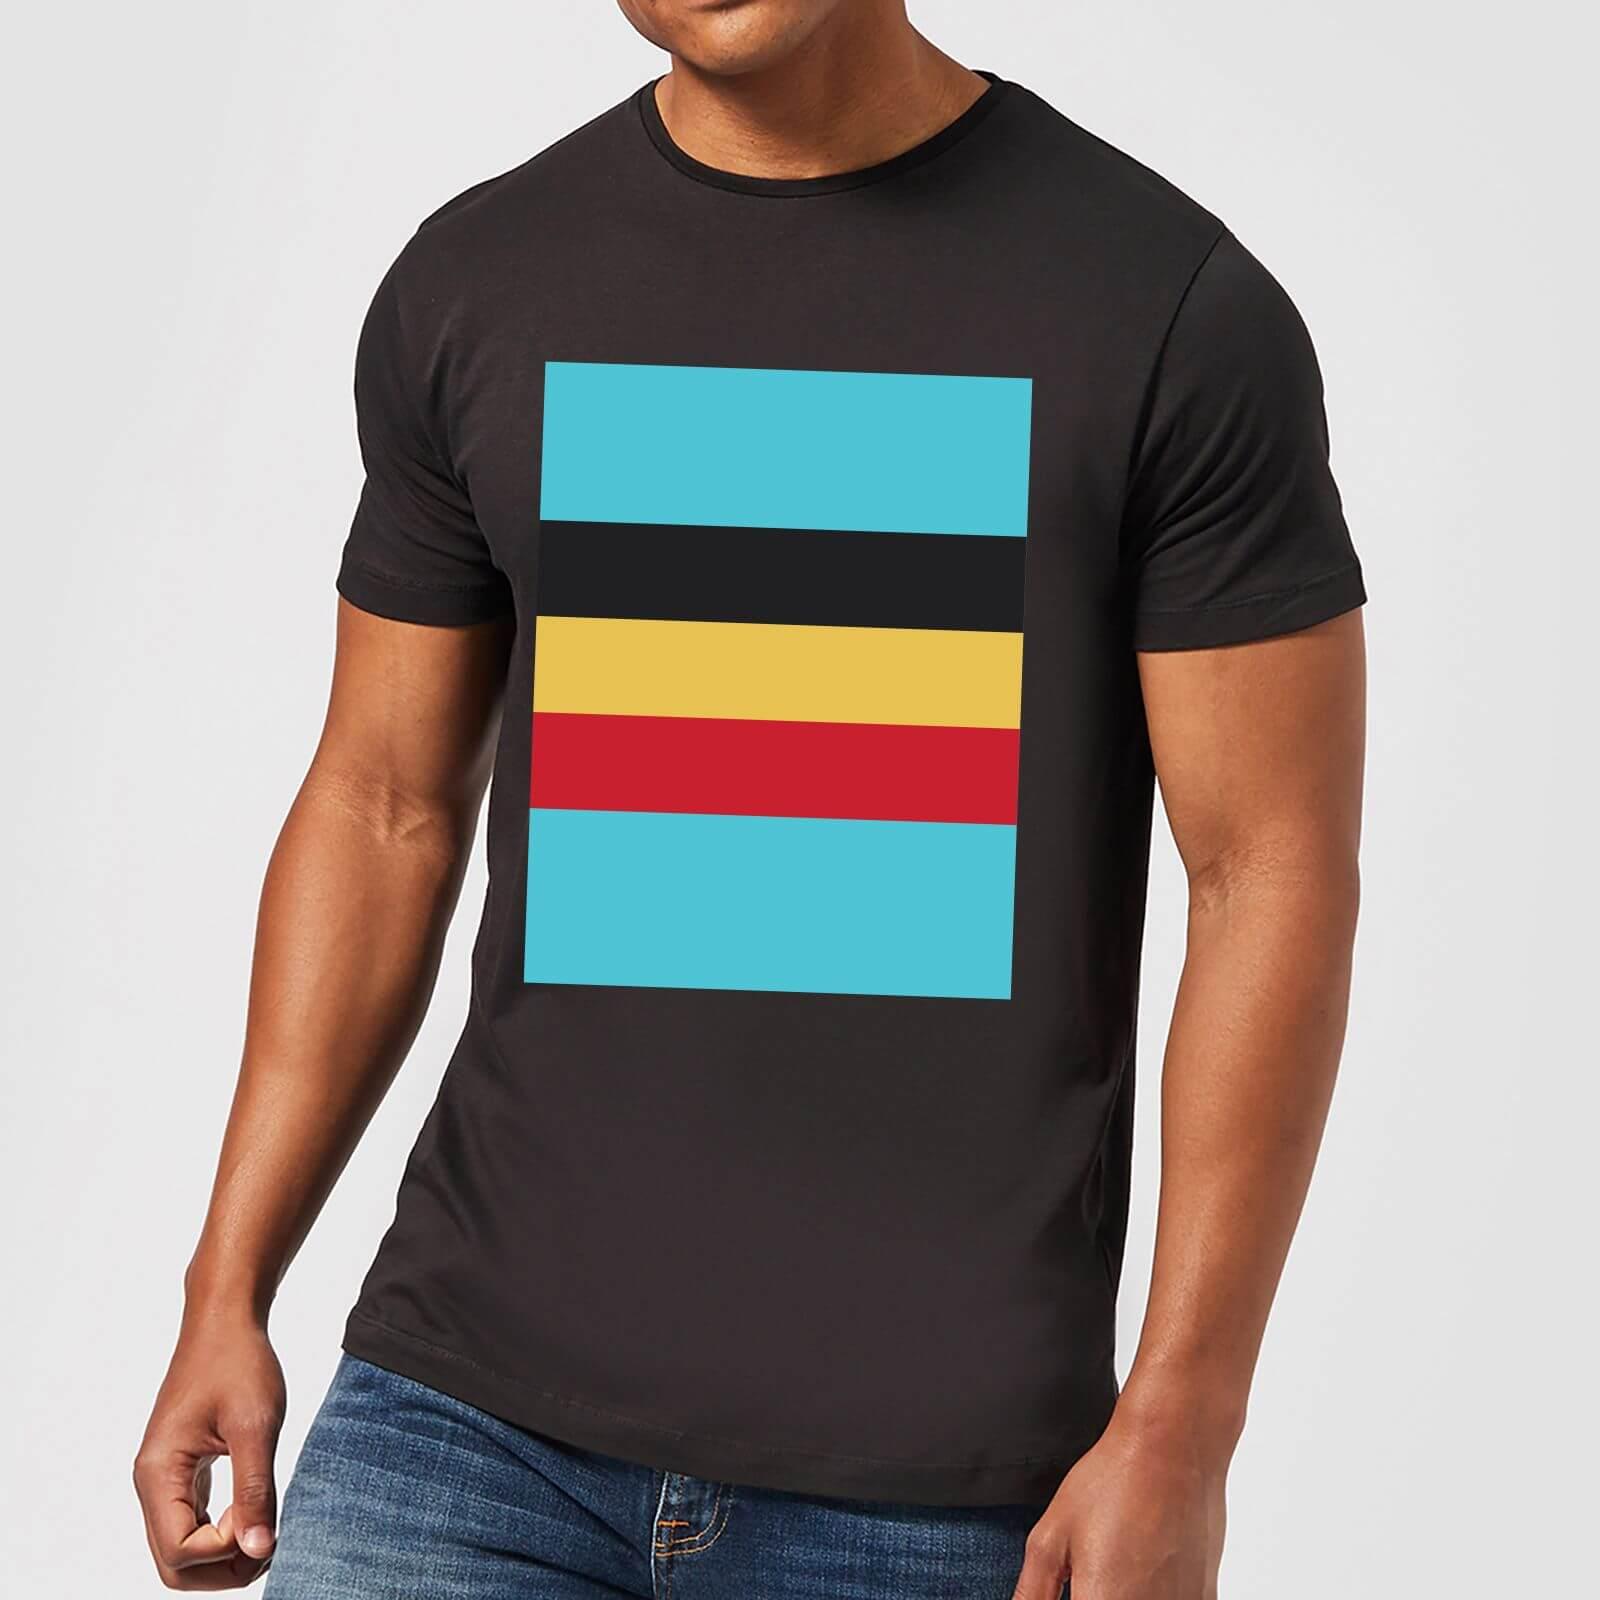 Summit Finish Belgium Flag Men's T-Shirt - Black - 5XL - Black